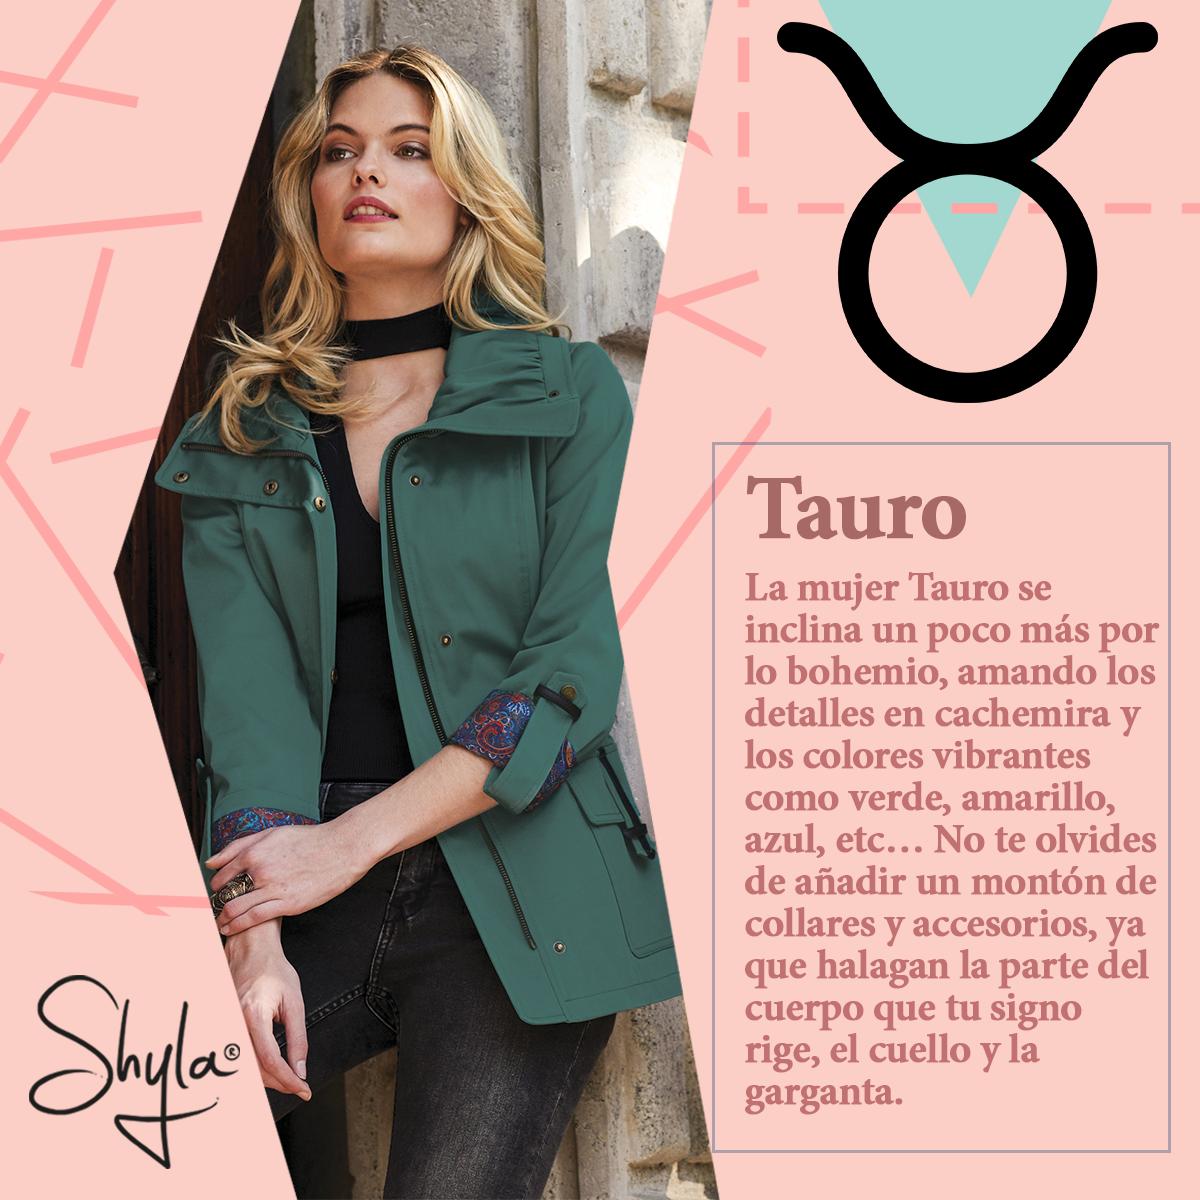 Cómo vestir según tu signo zodiacal. | Tauro, Signos y Signo tauro